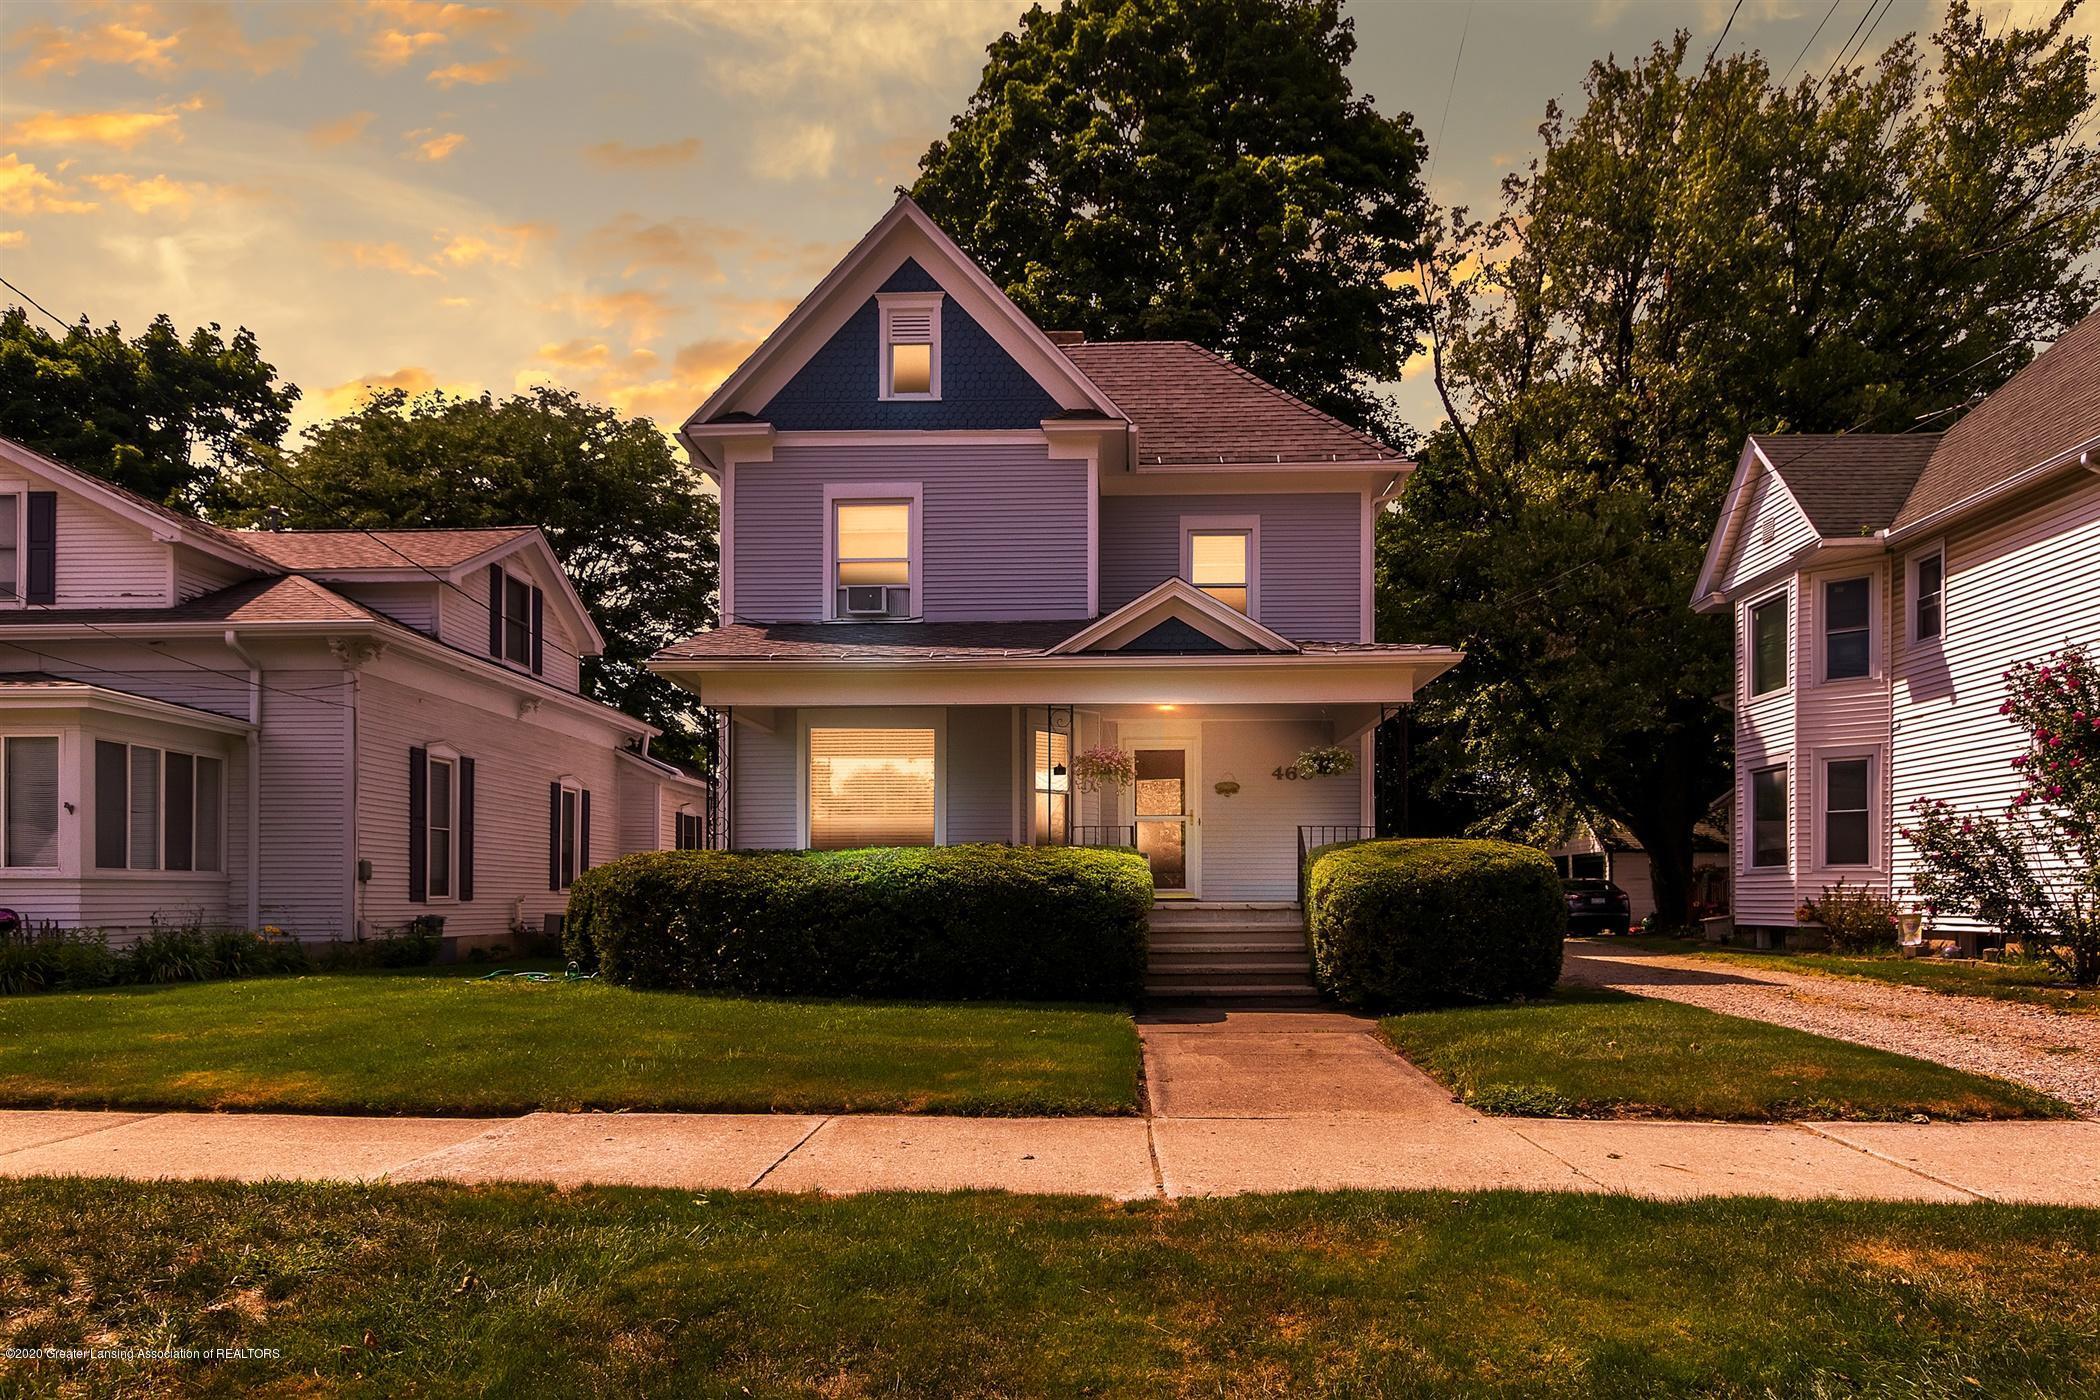 460 S Cochran Ave - 01-460 S Cochran Ave-WindowStill-Re - 1